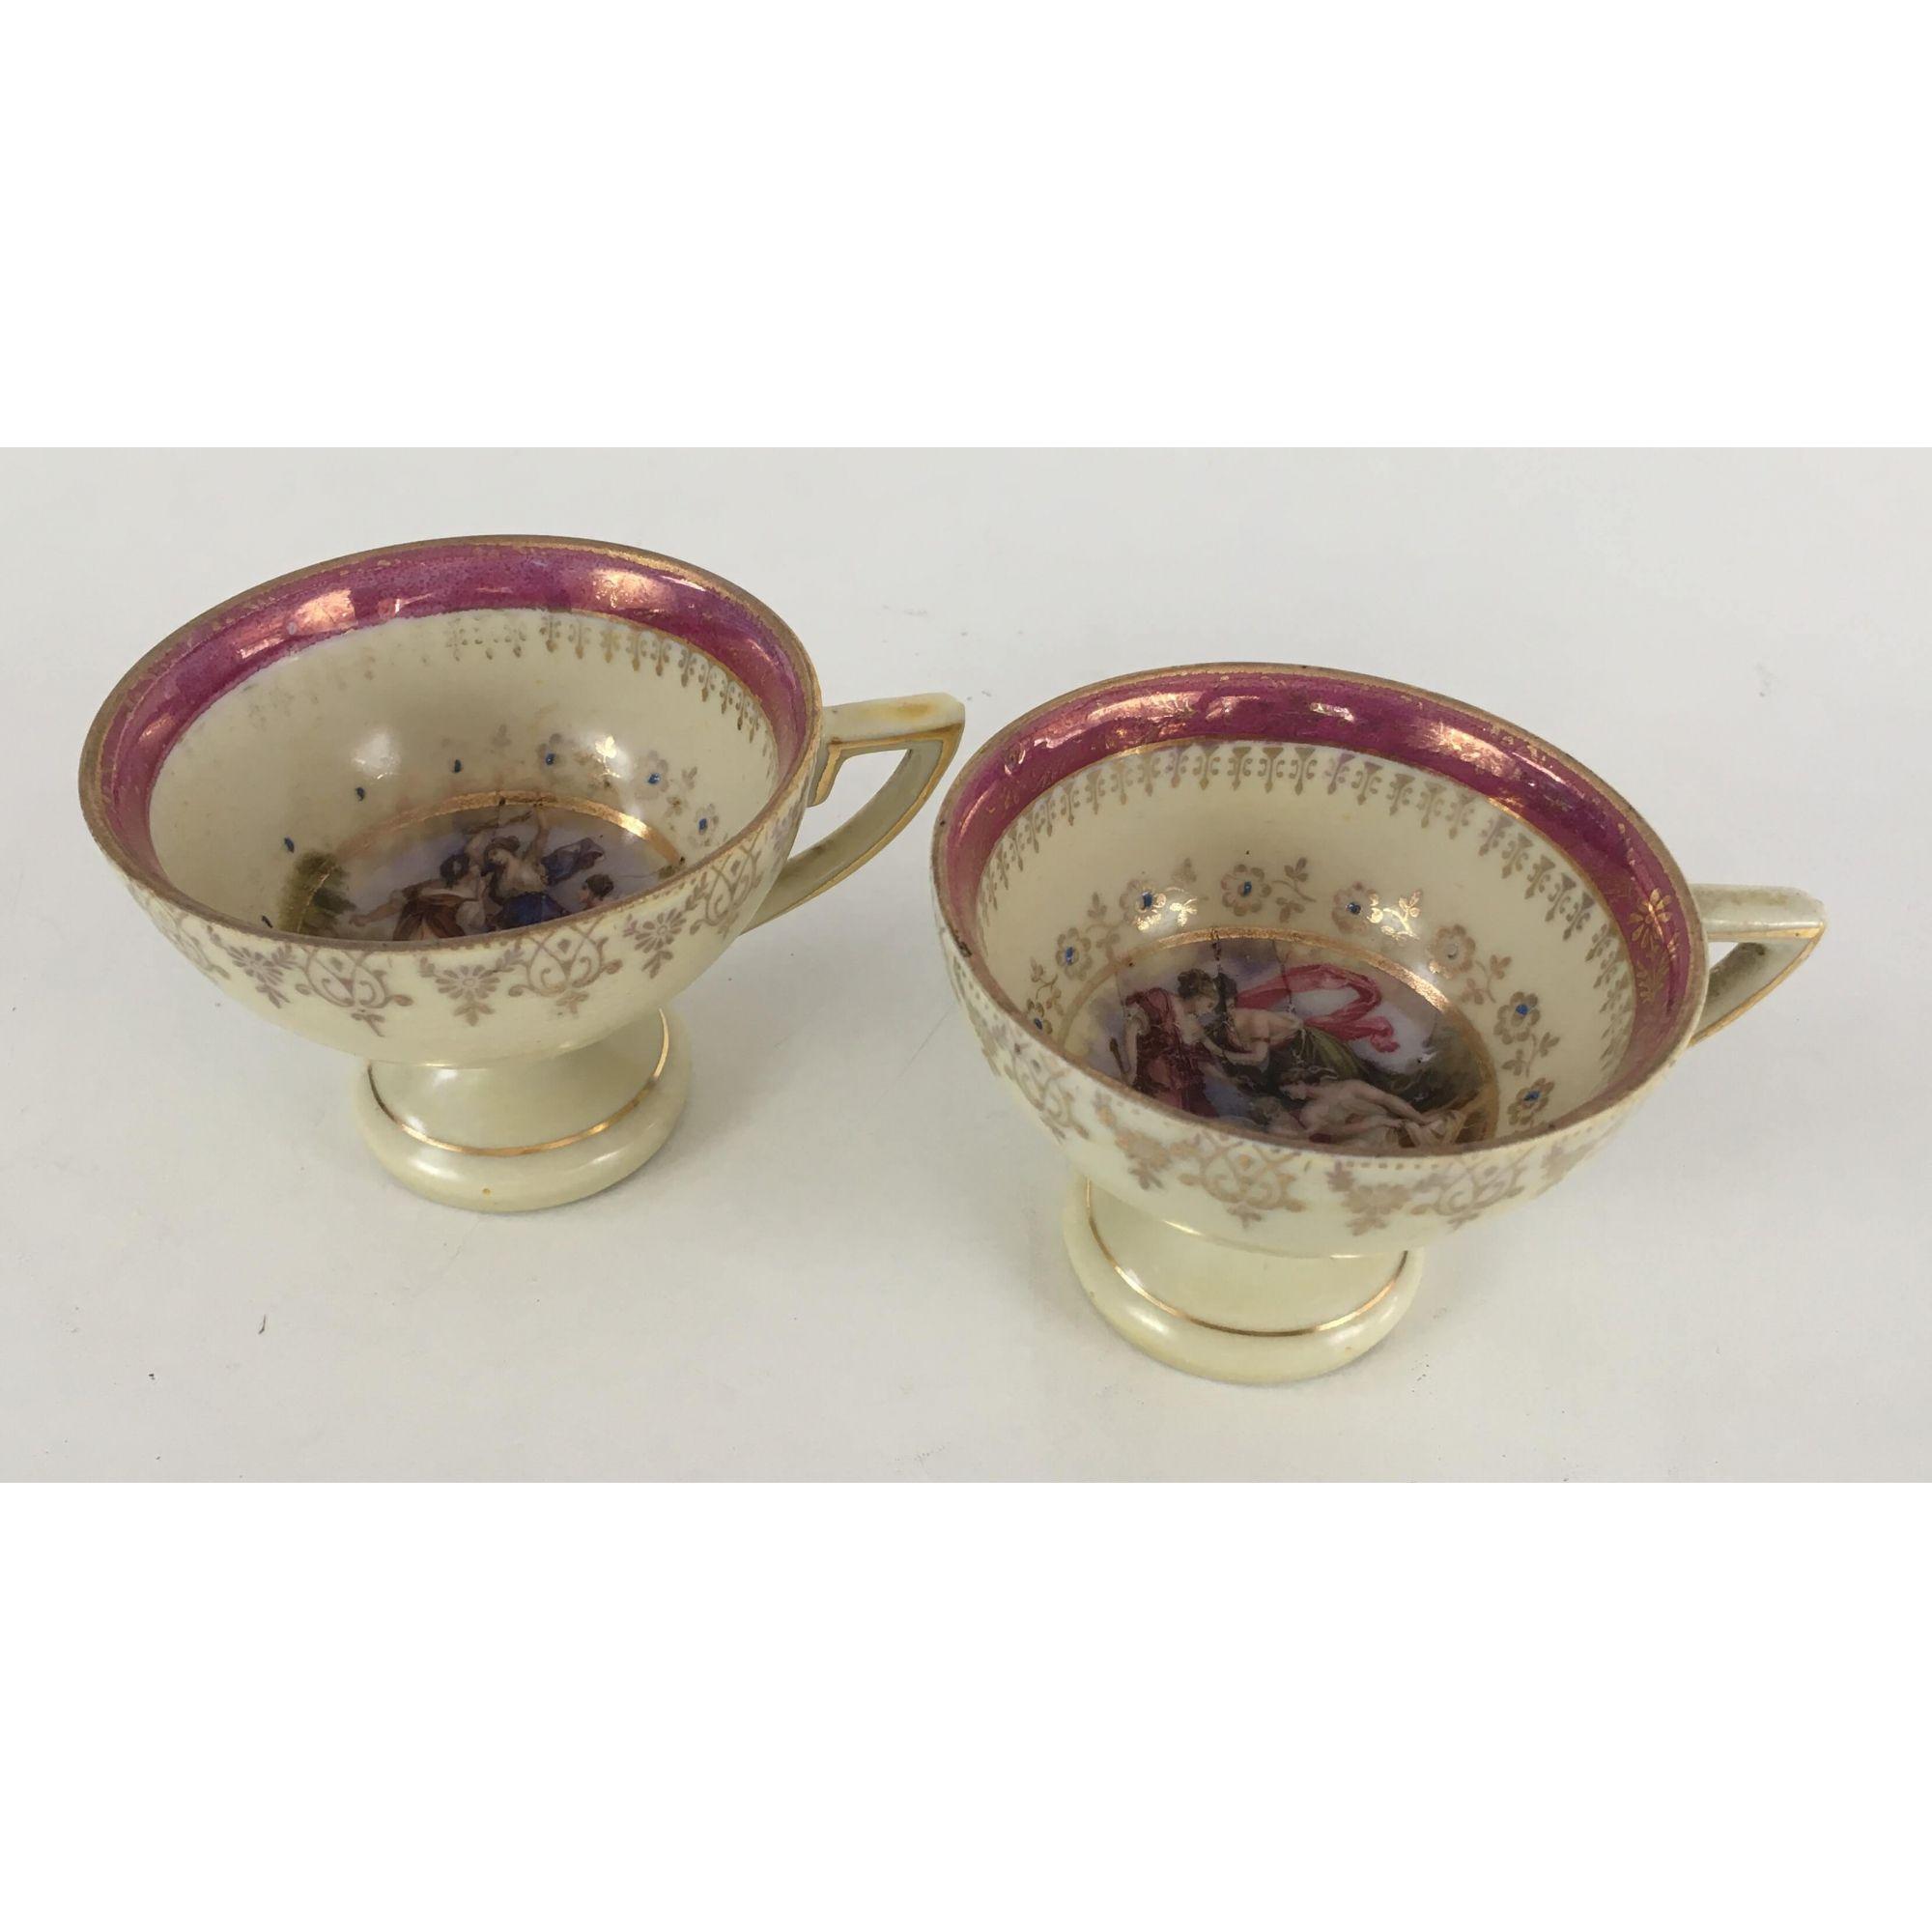 2 Xicaras De Cafe Porcelana Antiga Cena Galante